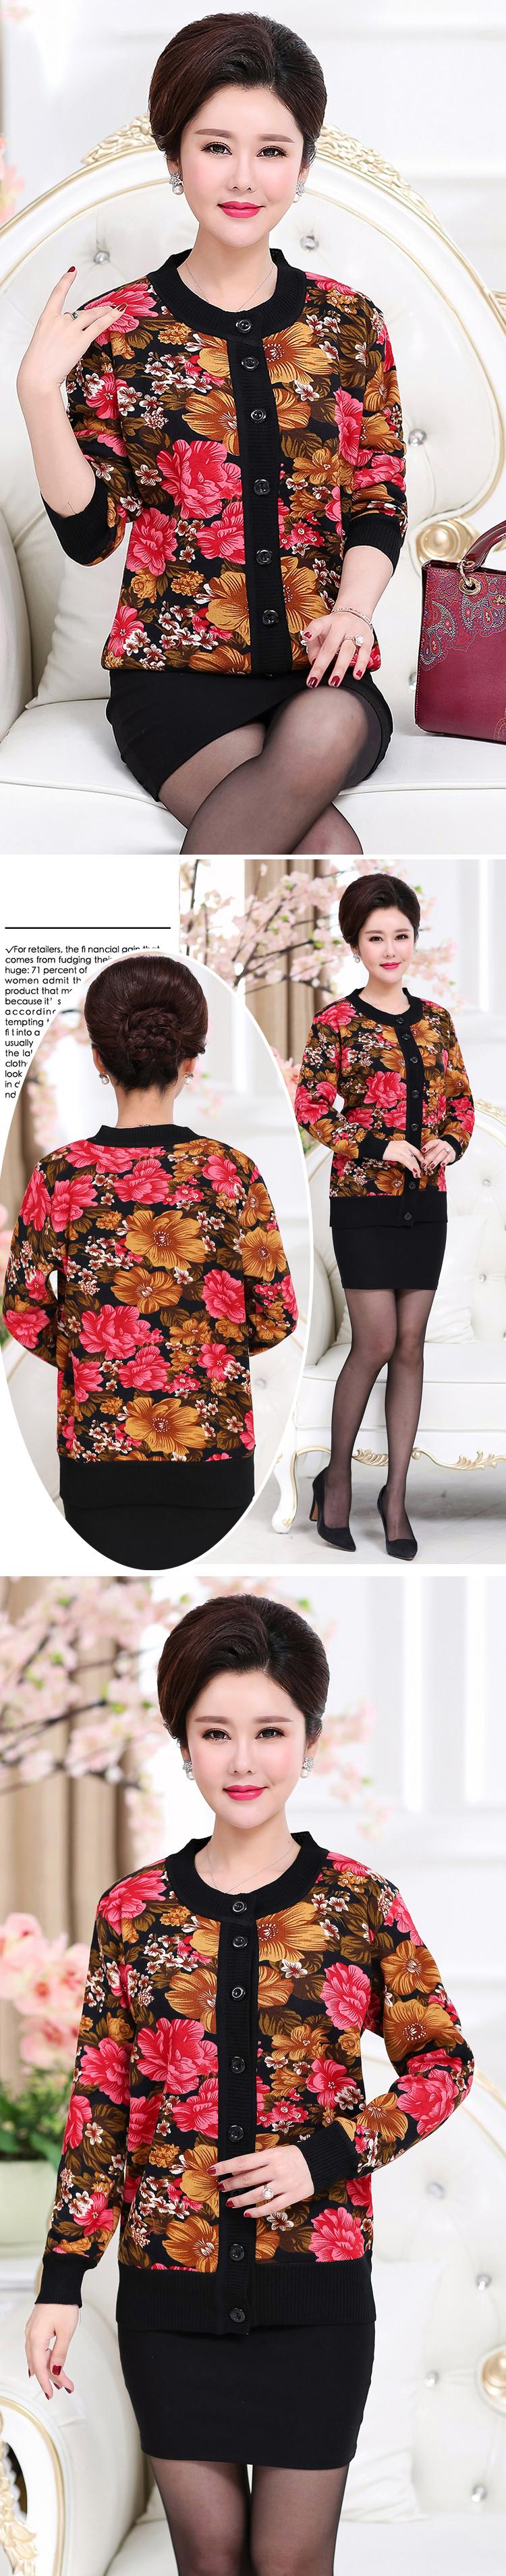 WAEOLSA Winter Woman Flower Cardigan Sweaters Middle Aged Women\`s Thicken Fleece Knitwear Lady Knied Cardigan Sweater Warm Top Mother (9)